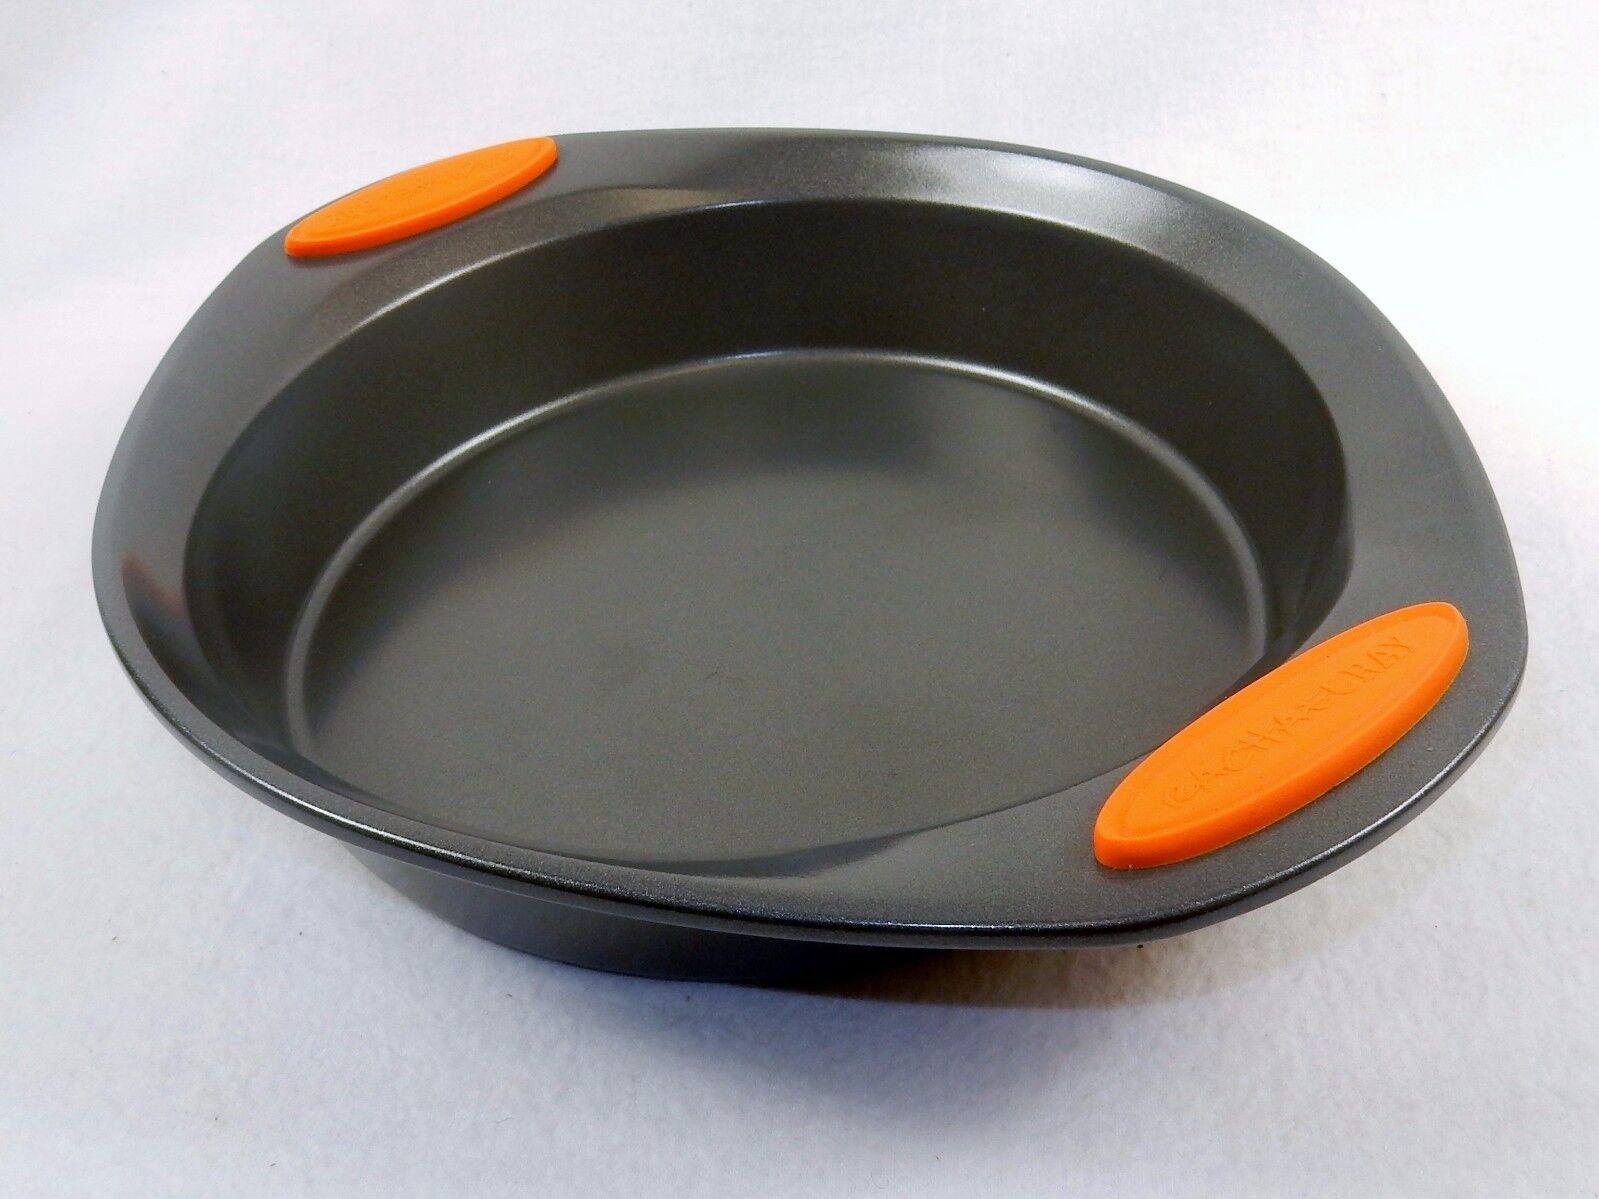 Rachael Ray 9-inch Round Cake Pan